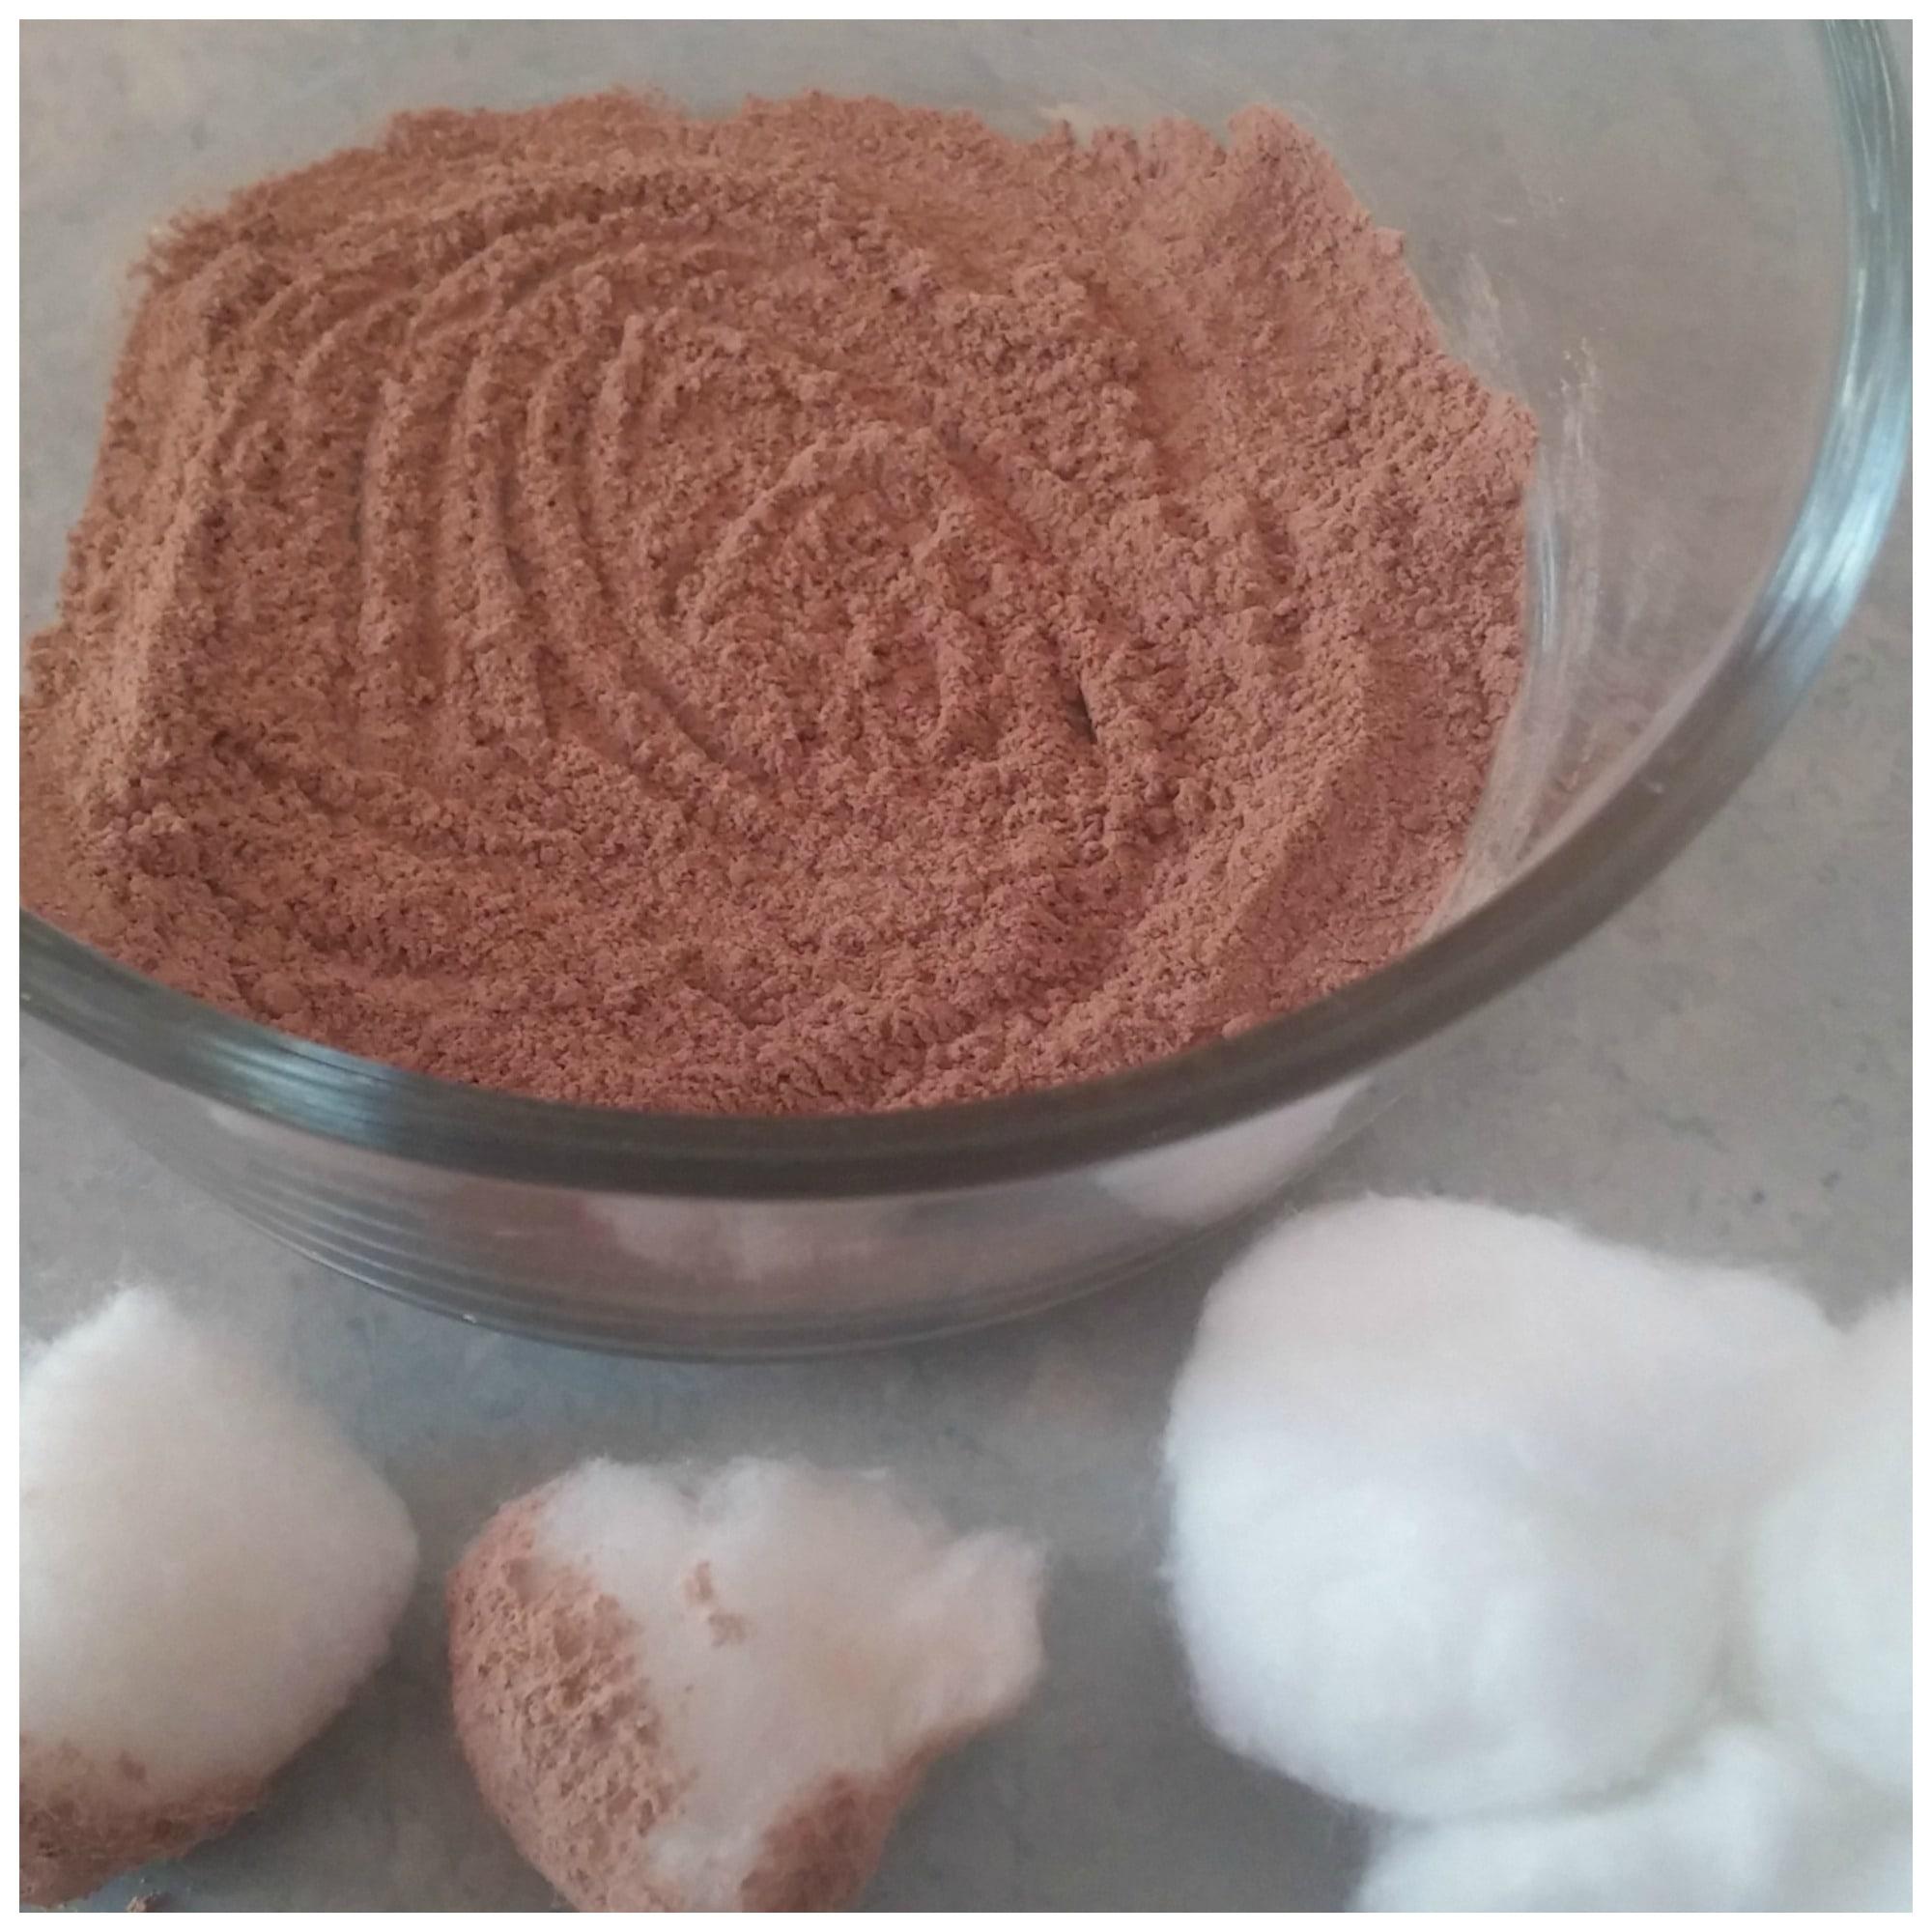 how to make natural face powder at home